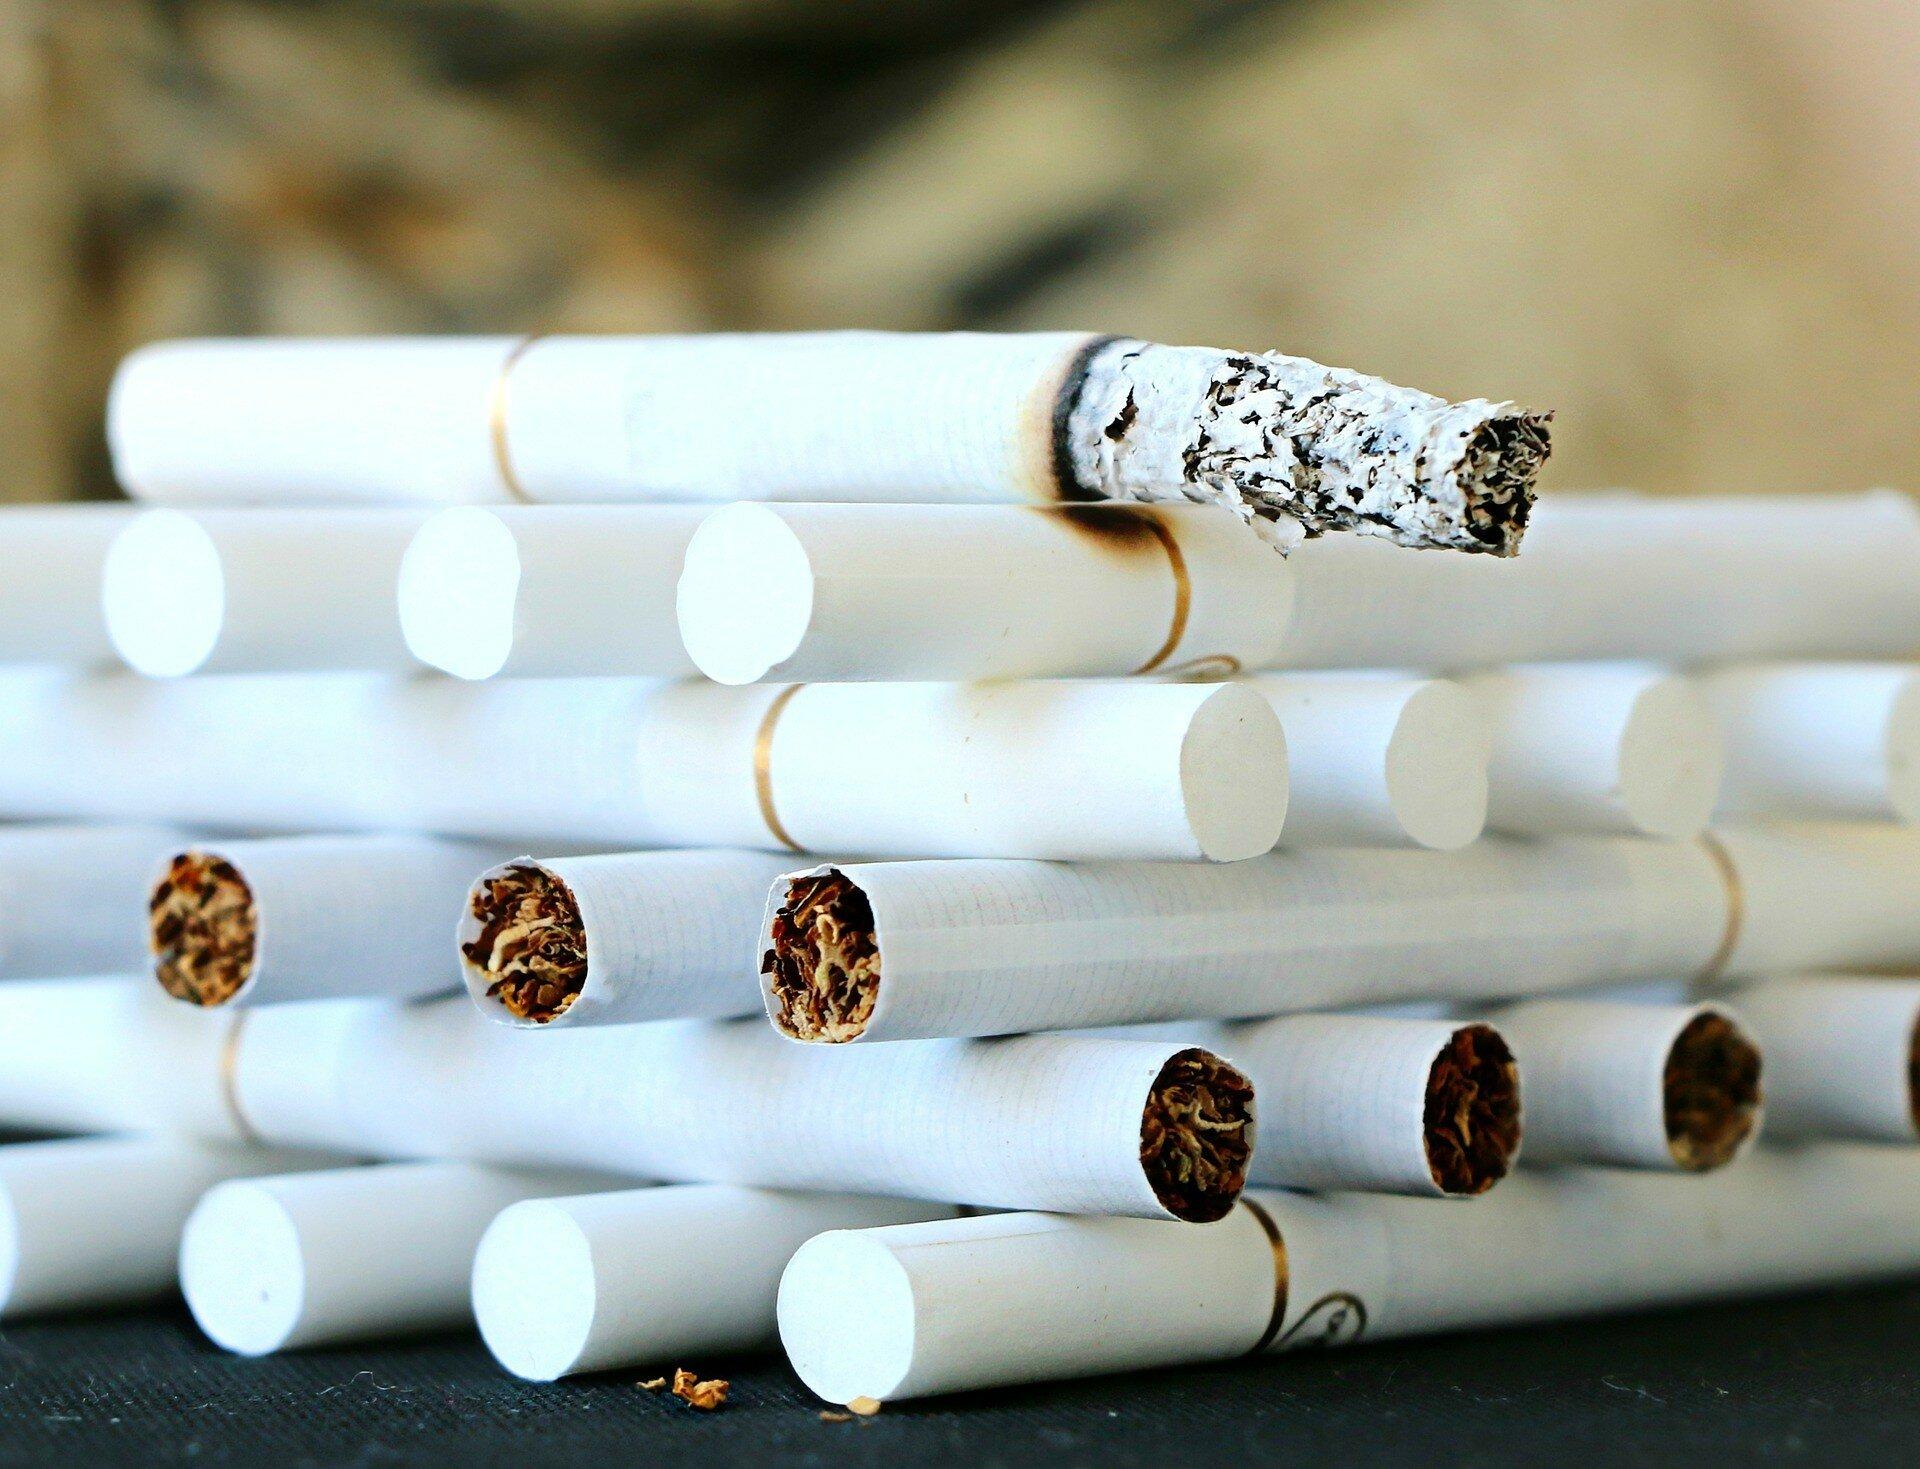 Человечество может бросить курить уже через одно поколение